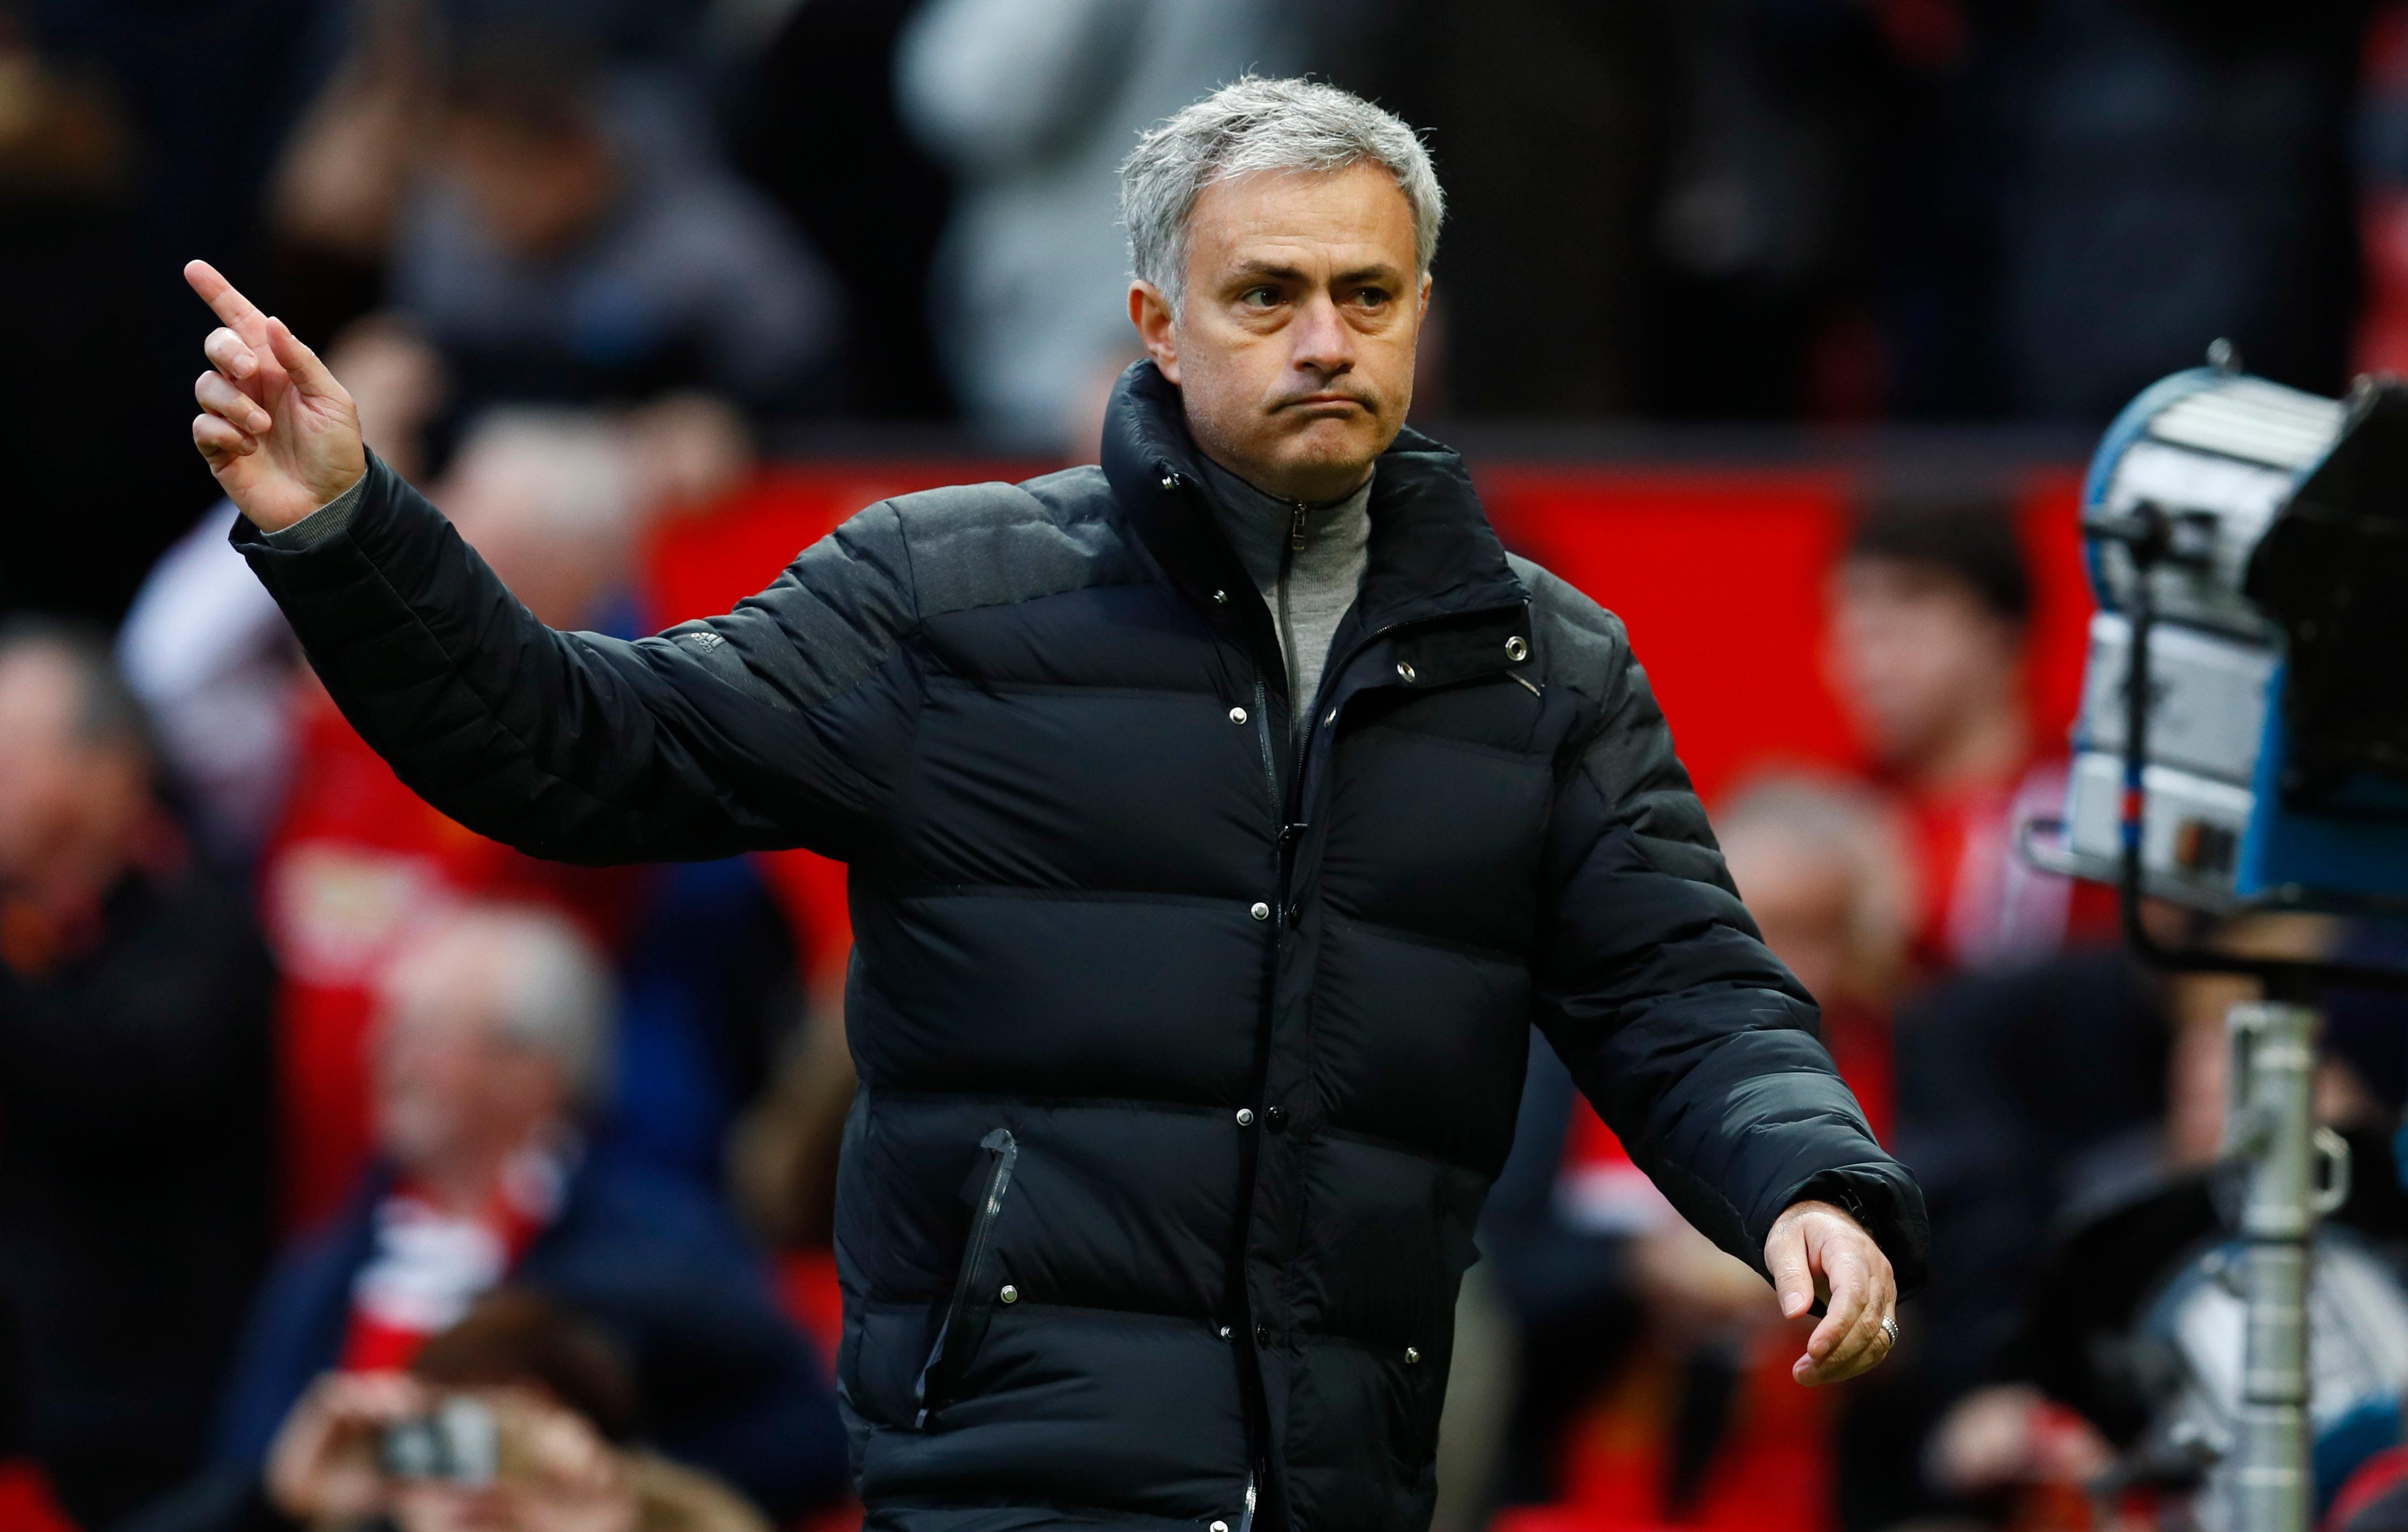 Manchester United boss Jurgen Klopp